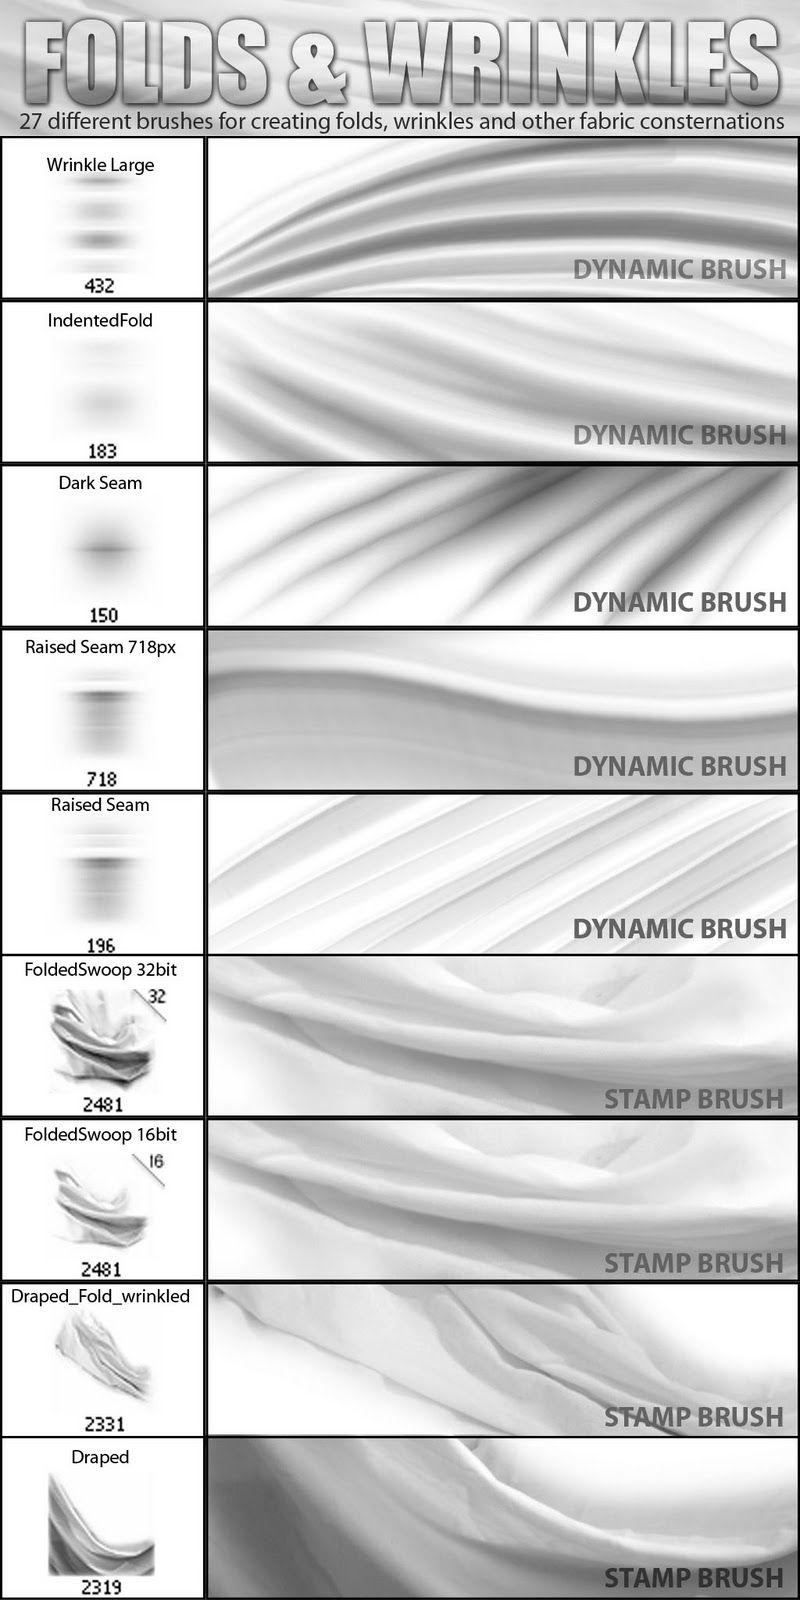 Suztv: Folds and Wrinkles Photoshop Brush set | Texture